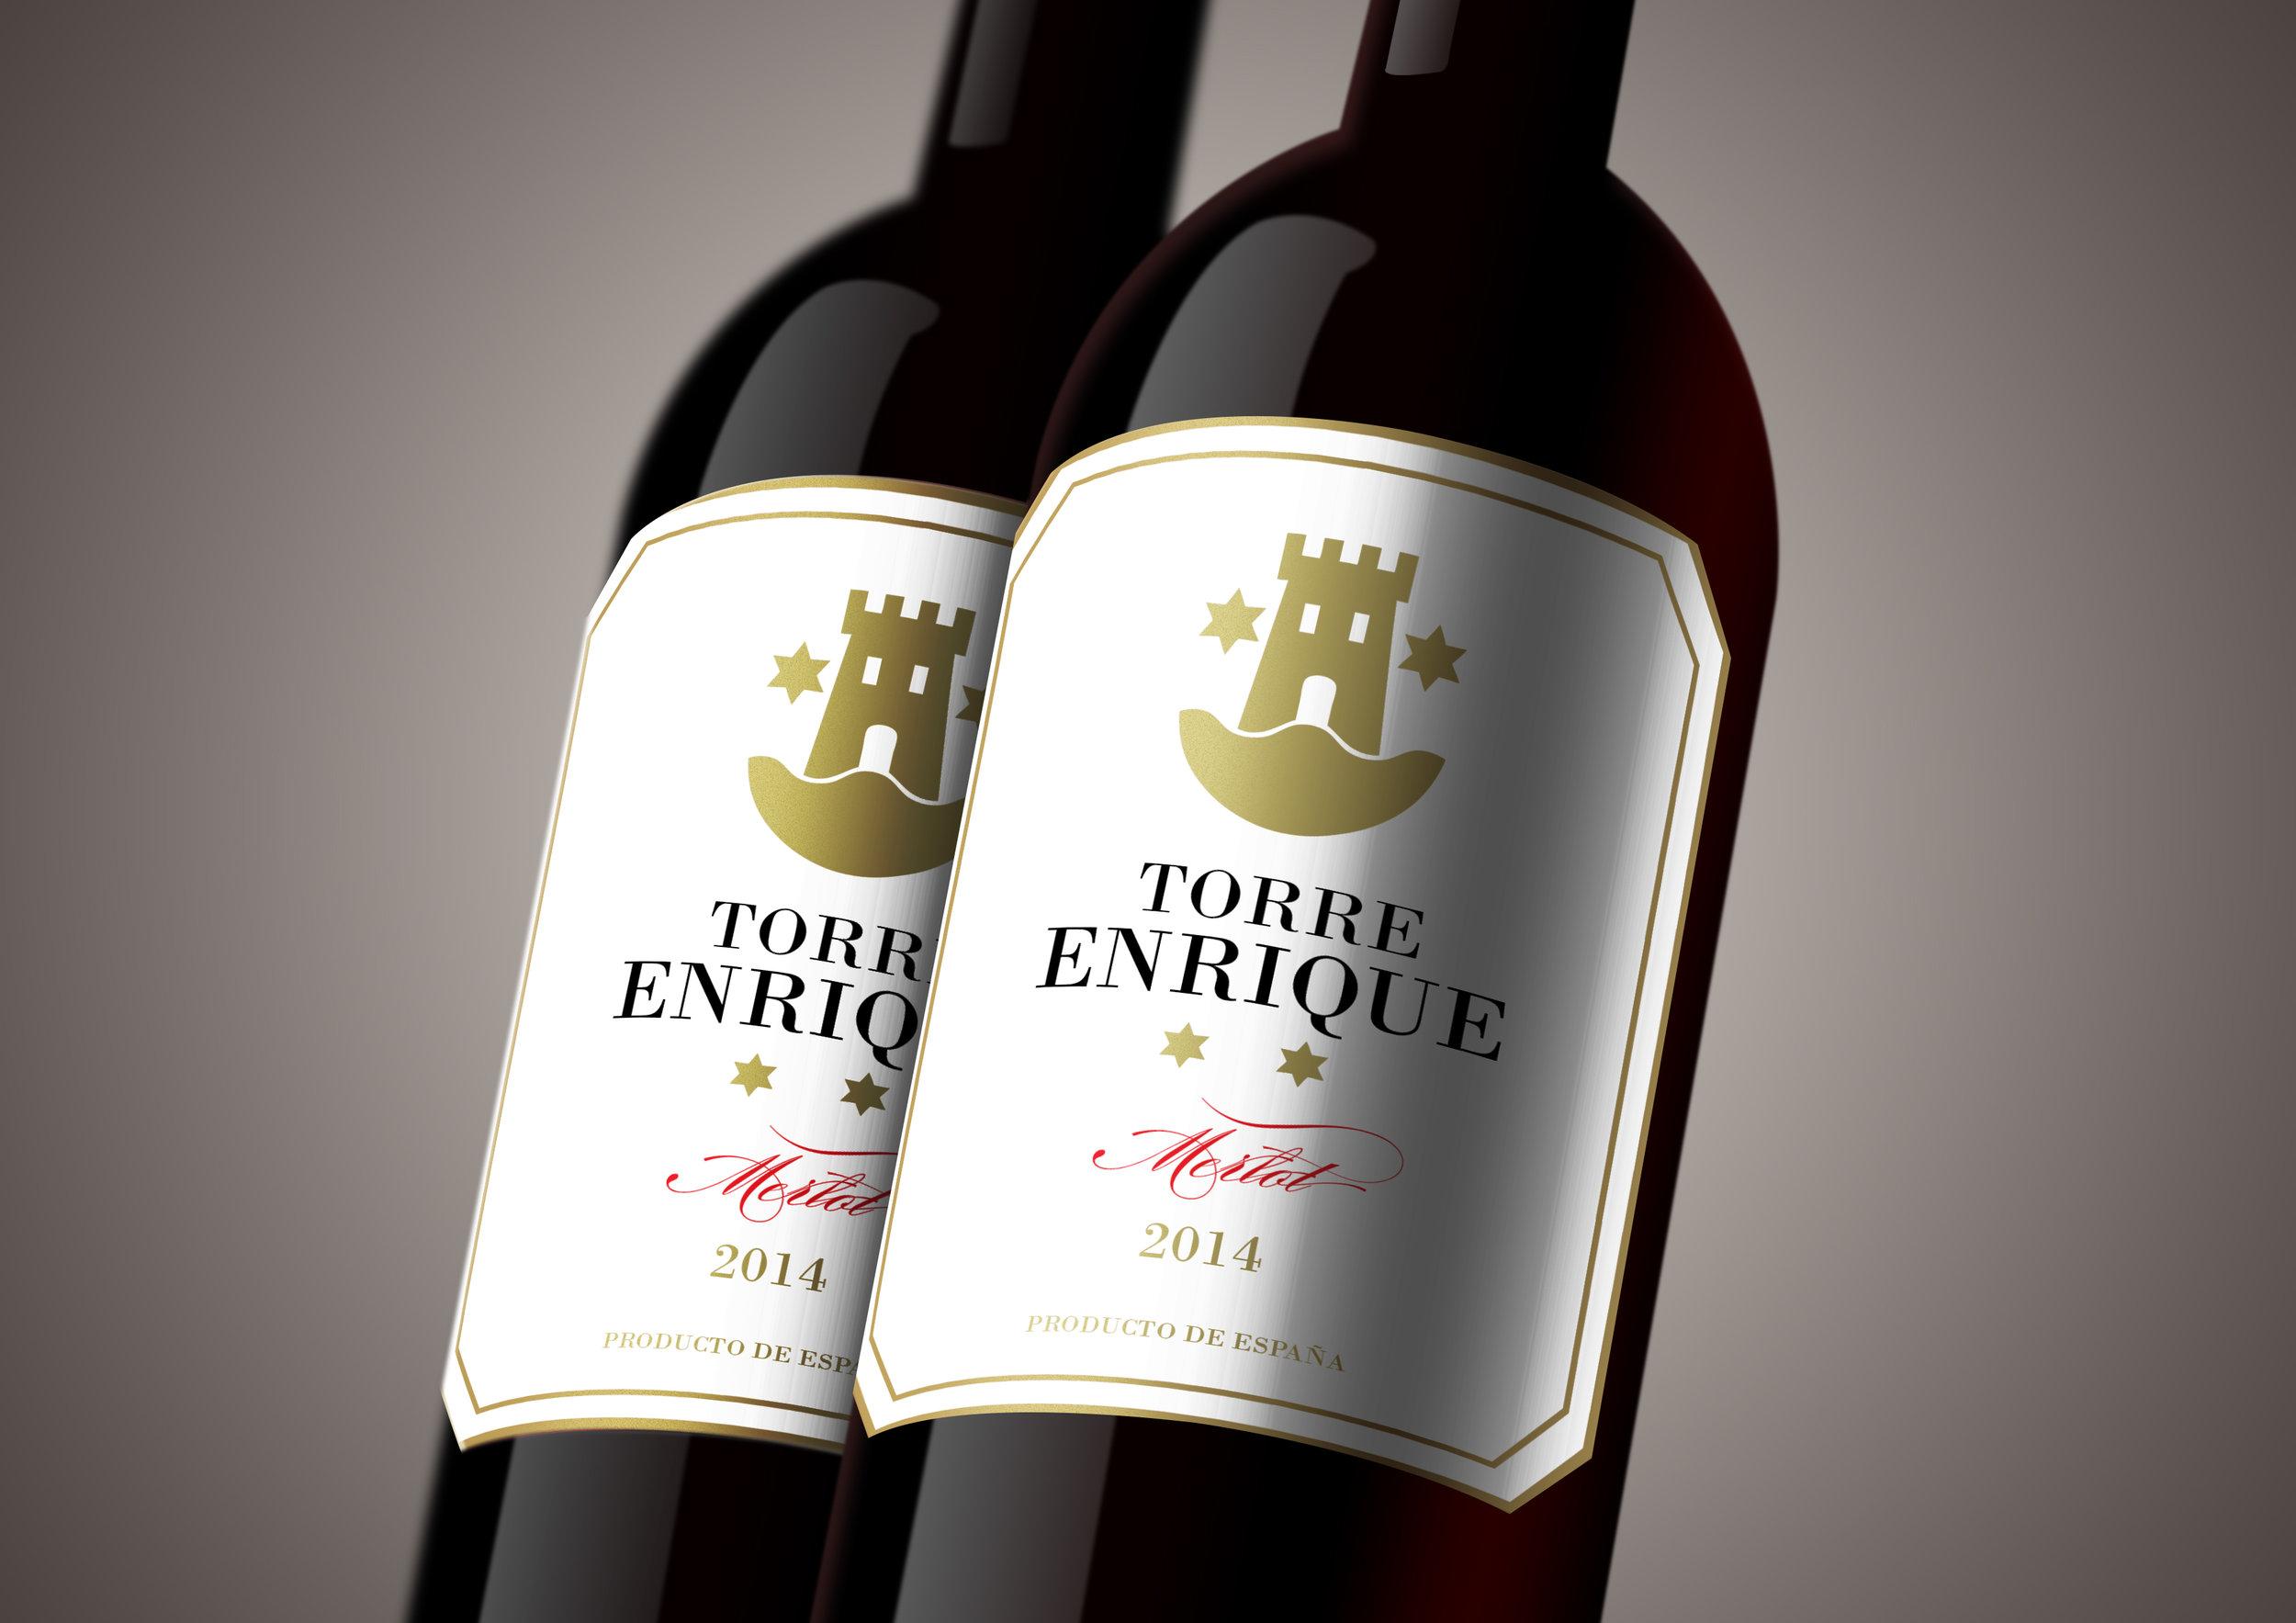 Torre Enrique 2 bottle shot.jpg